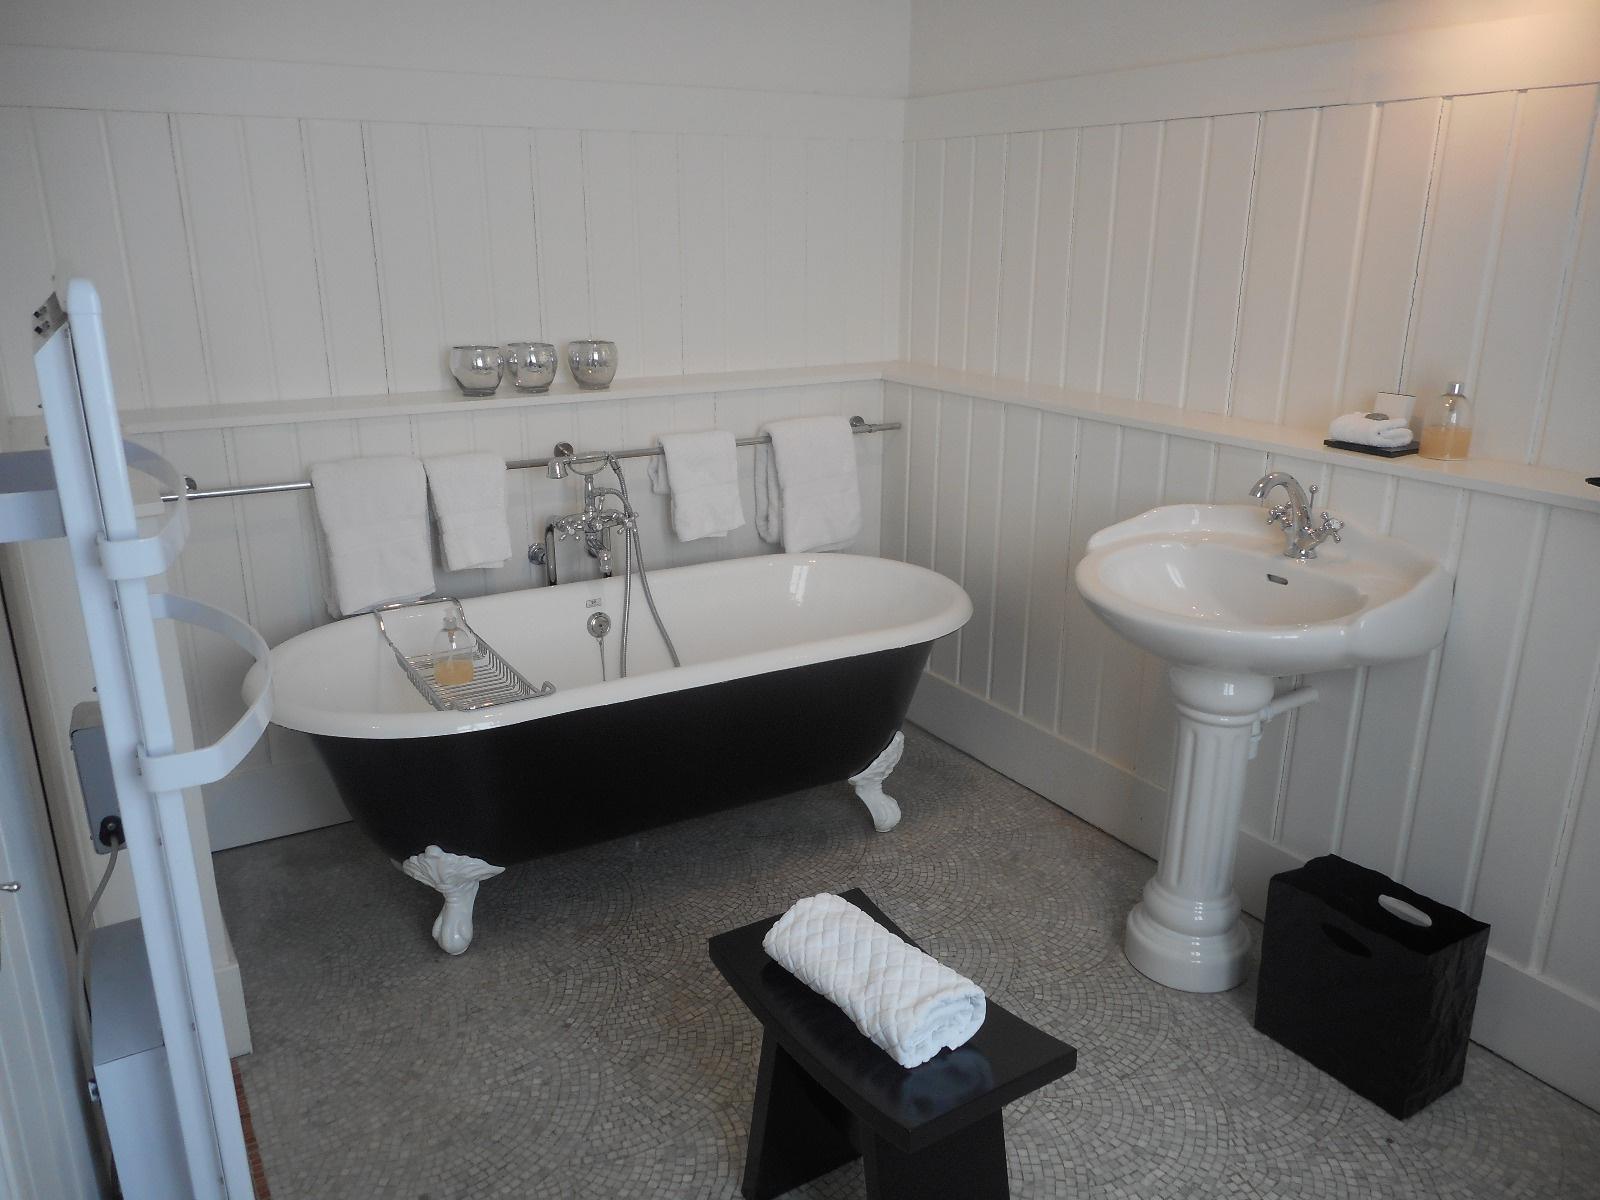 Hotel particulier Lille entièrement restauré SdBain  Annie Caillier 0683162981